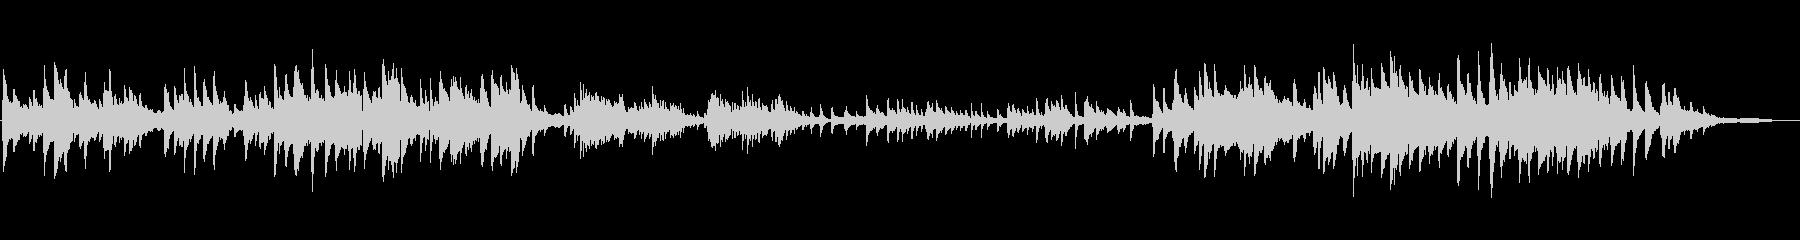 静かなピアノソロ曲ですの未再生の波形